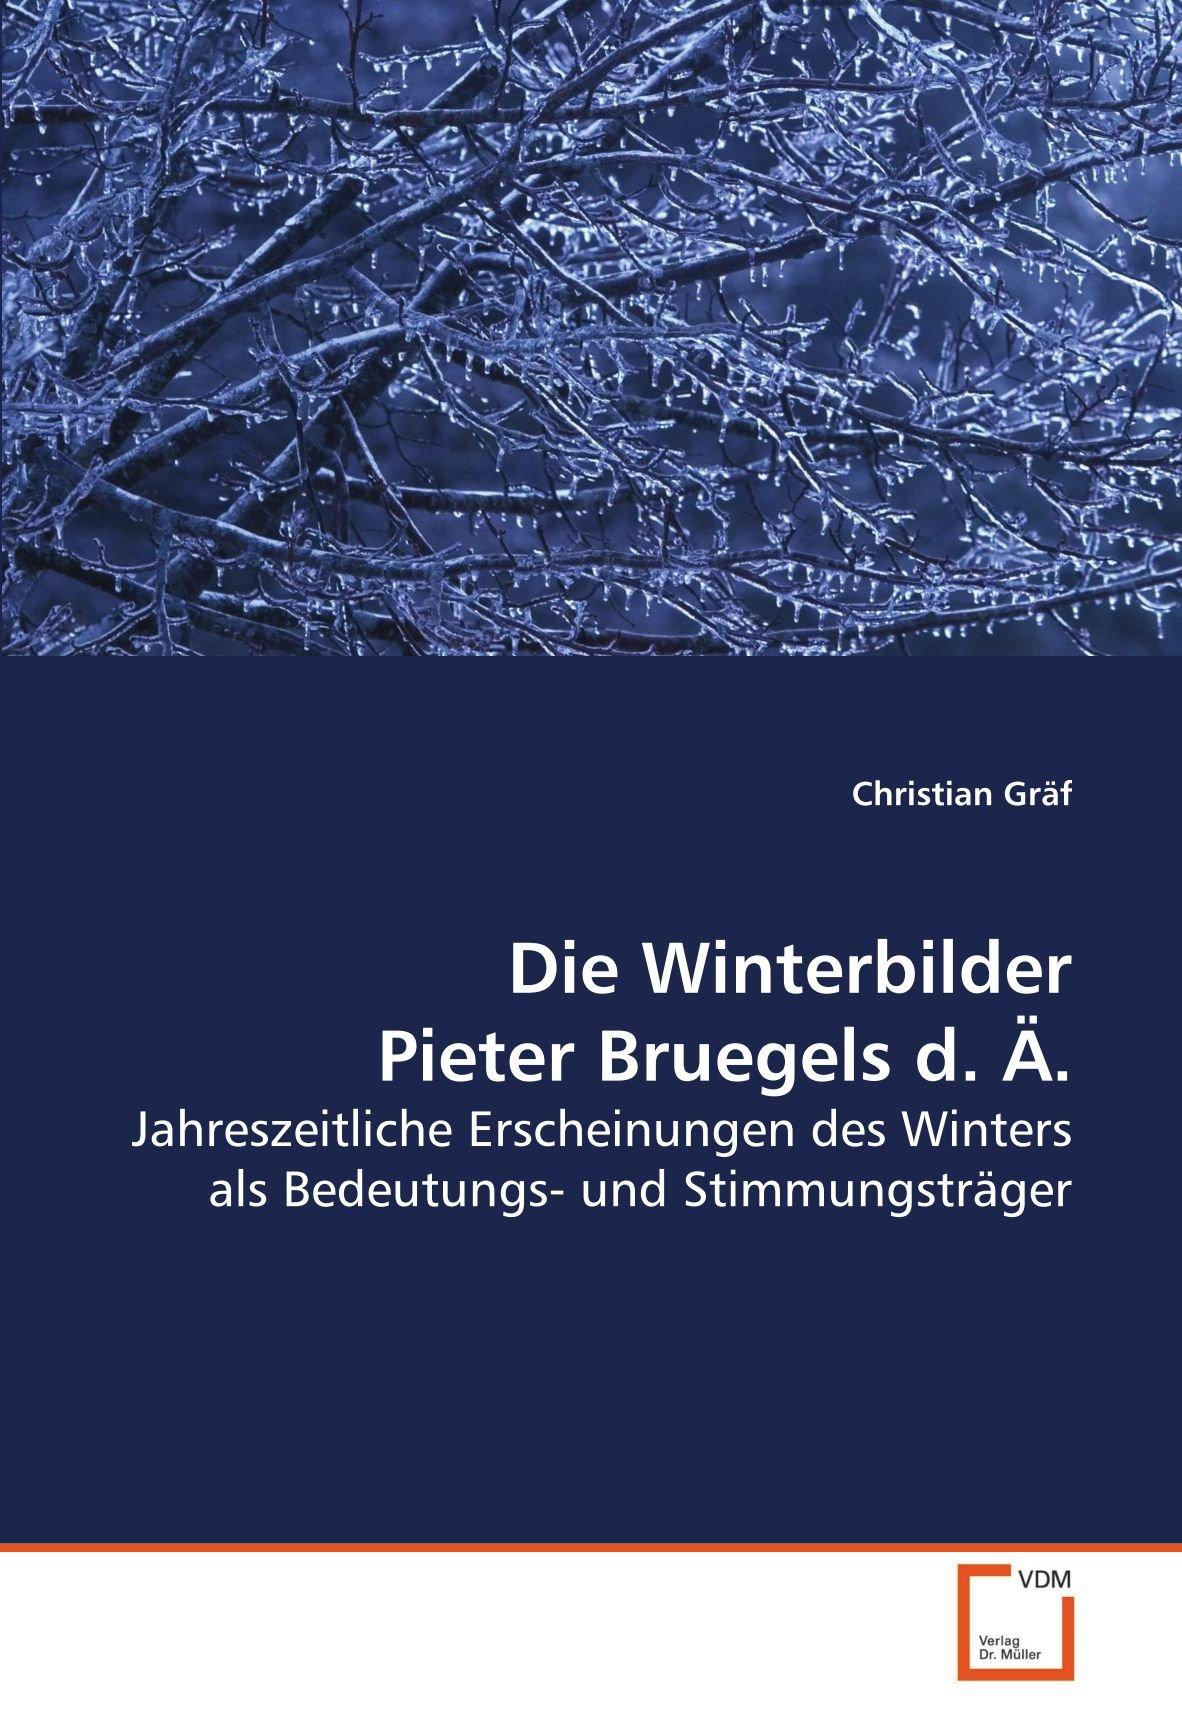 Die Winterbilder Pieter Bruegels d. Ä.: Jahreszeitliche Erscheinungen des Winters als Bedeutungs- und Stimmungsträger (German Edition) PDF